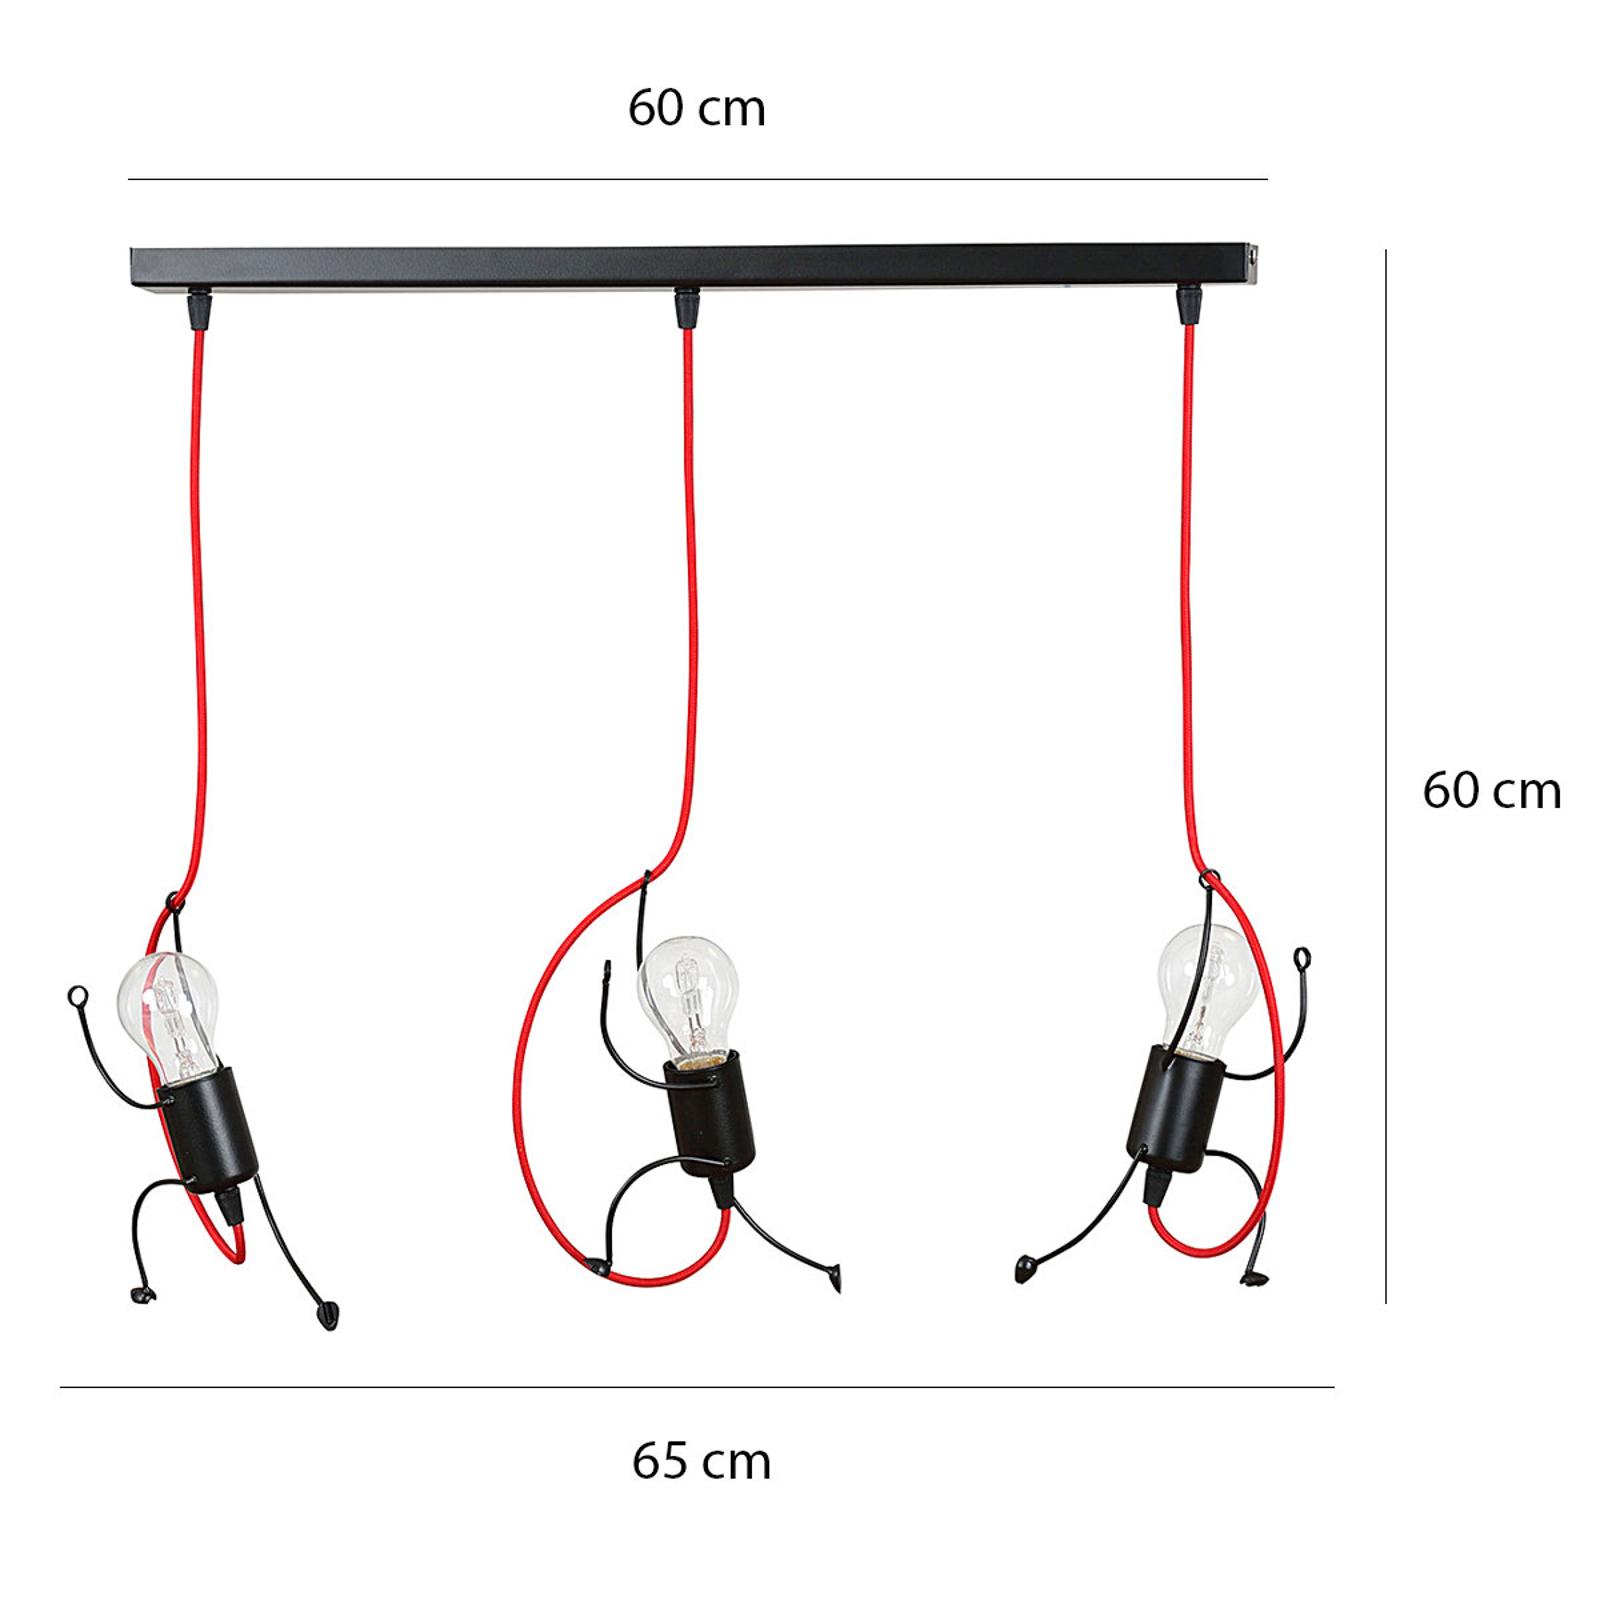 Hanglamp Bobi 3 in zwart, kabel rood, 3-lamps